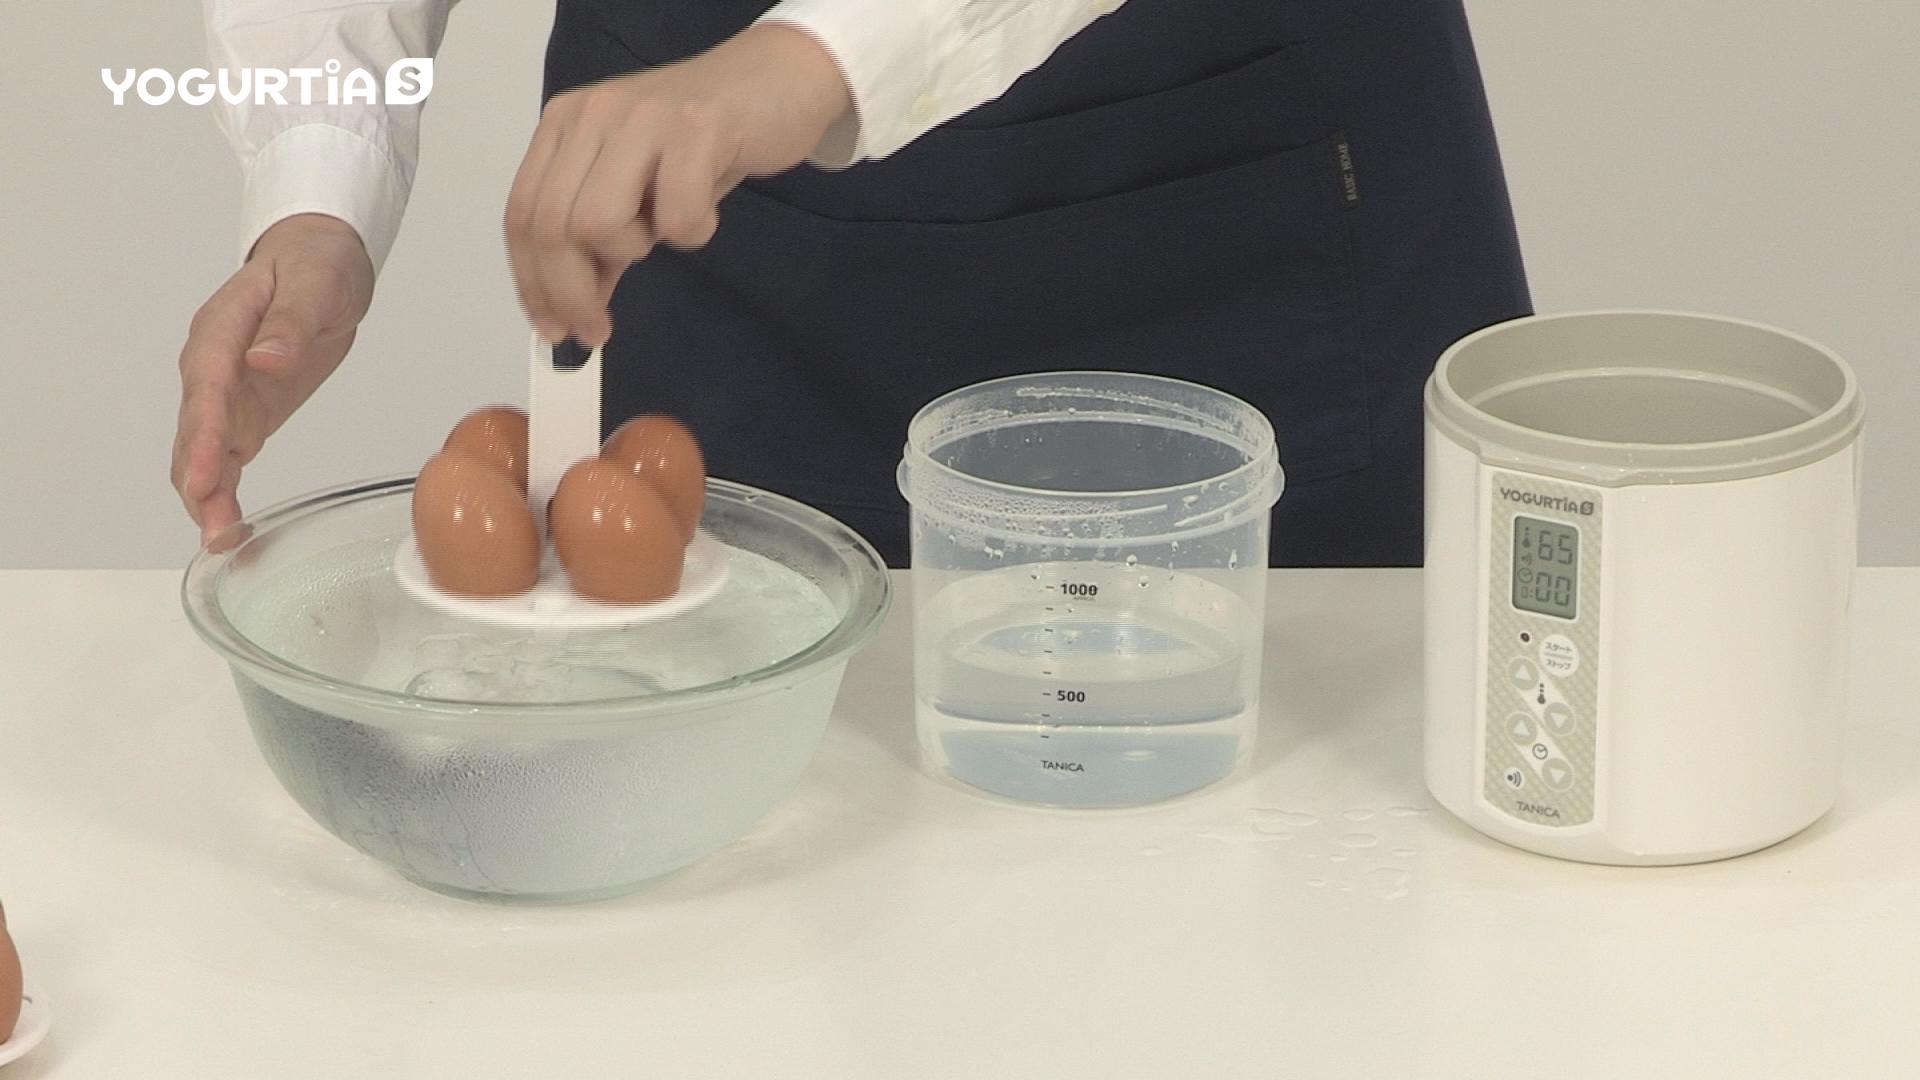 本体から温玉スタンドを取り出し、冷水で5分冷やしたら、温泉卵のできあがりです。